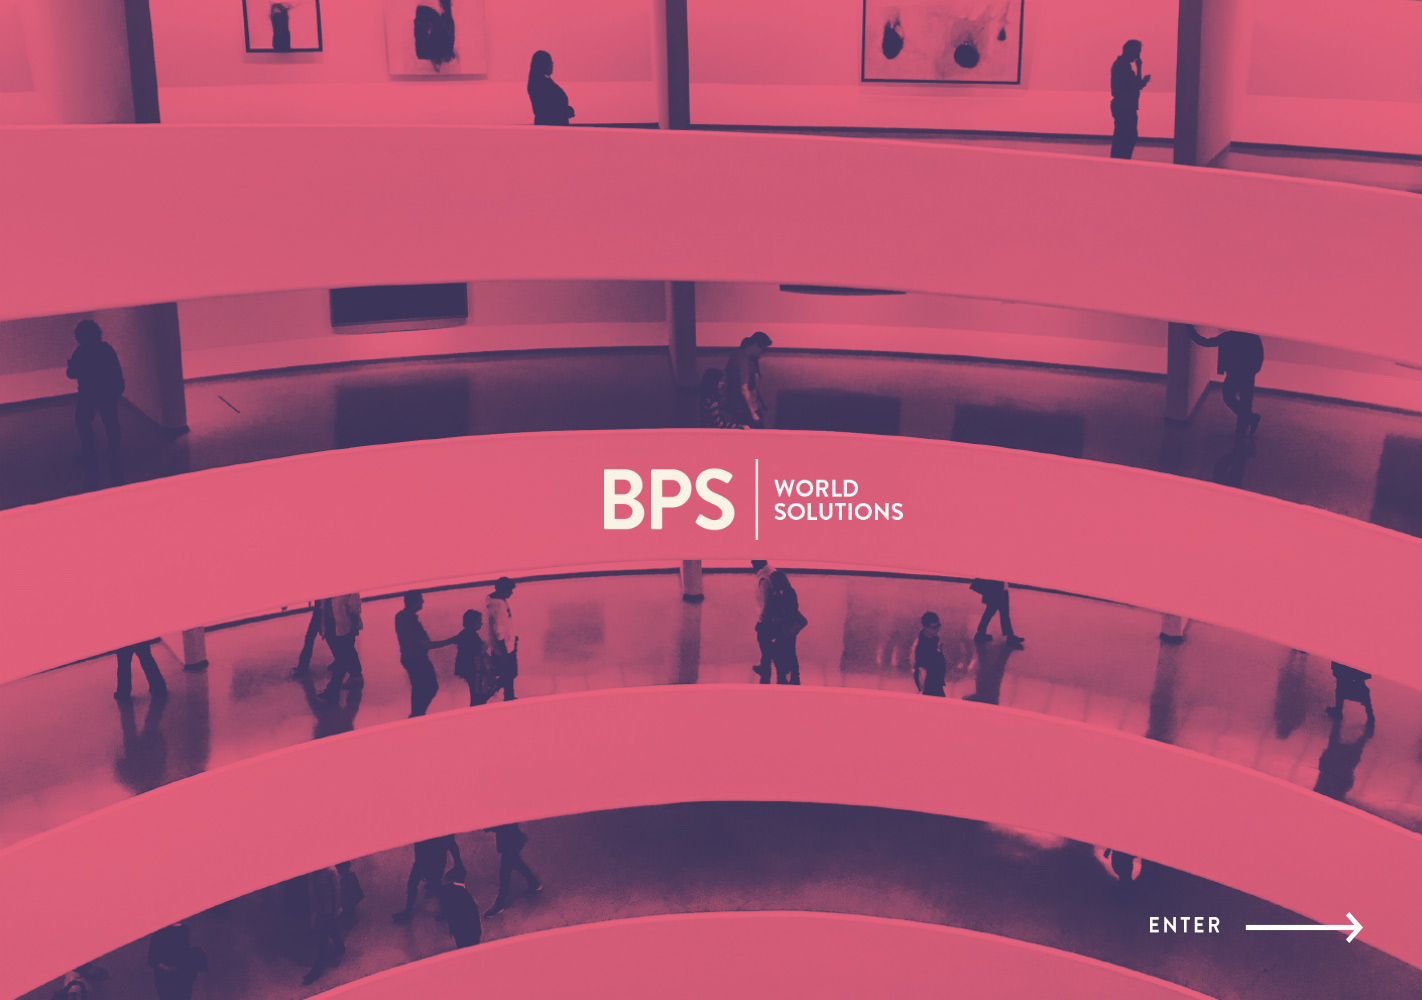 BPS_5